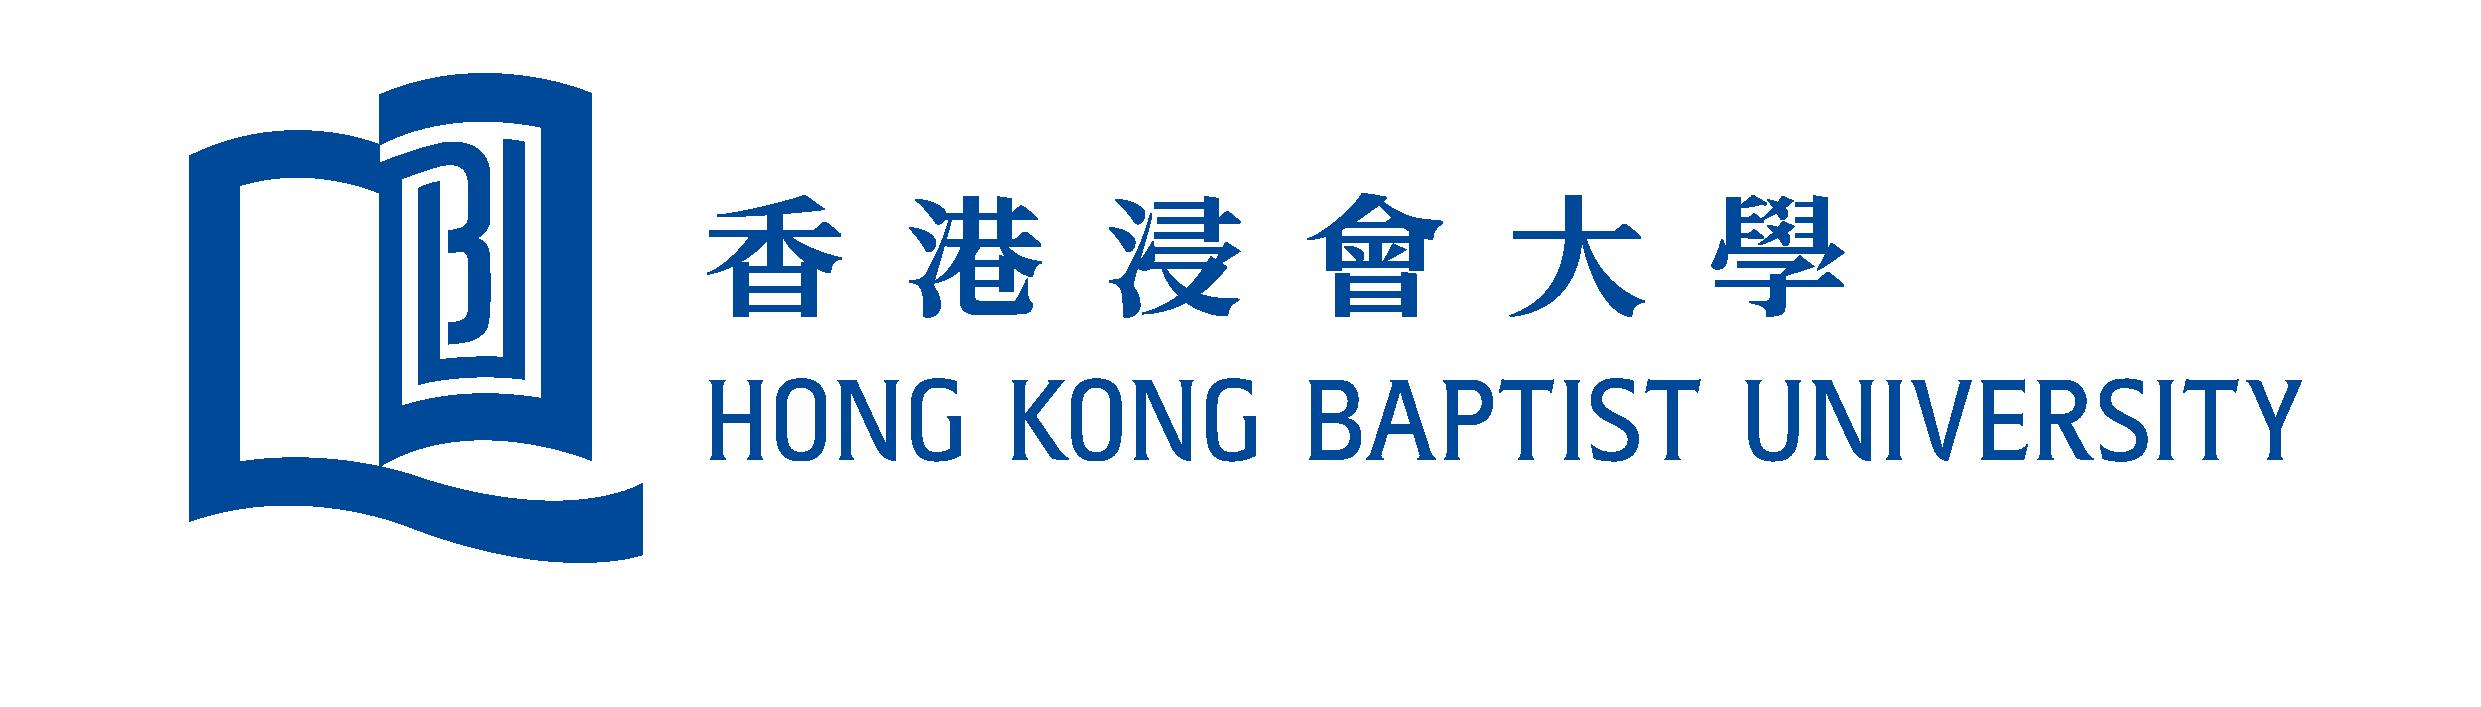 1 HKBU.logotype 2-01.png